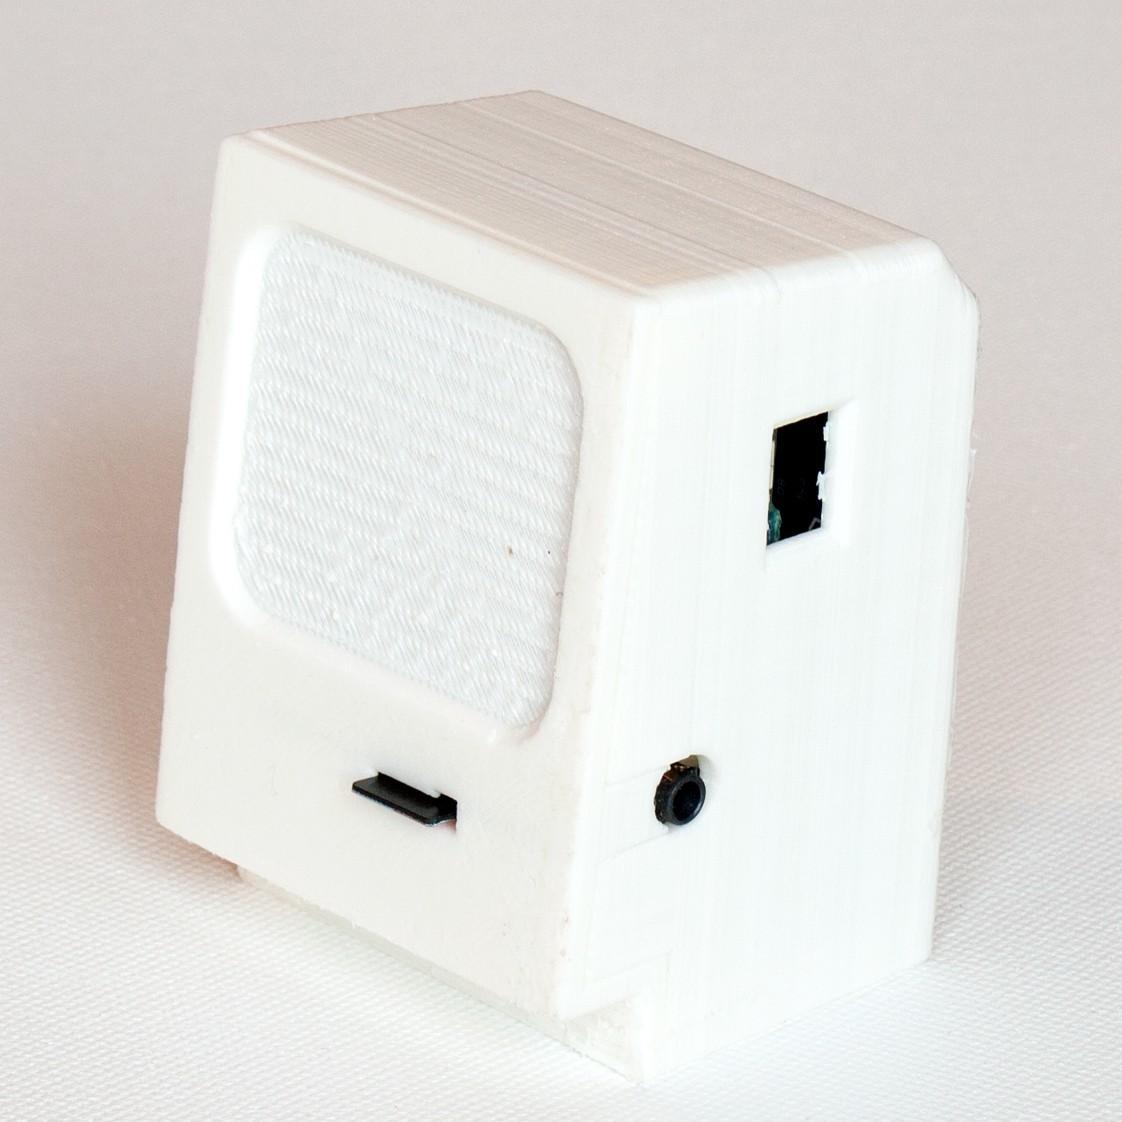 side view.jpg Télécharger fichier STL gratuit Mini Macintosh • Modèle à imprimer en 3D, GadgetsThatGo